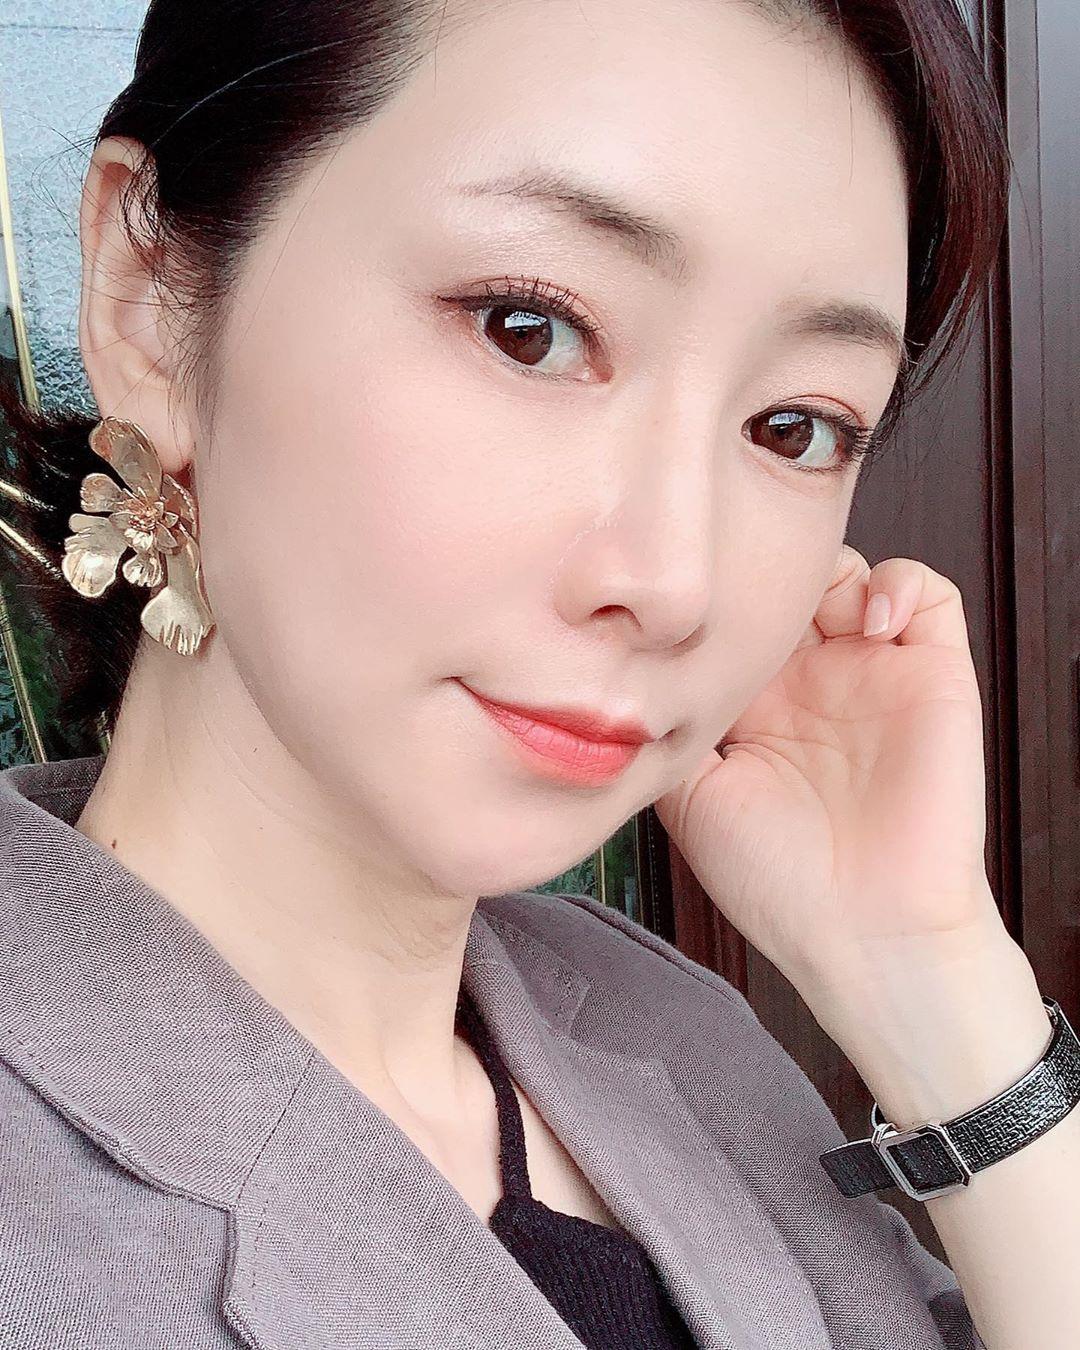 'Phù thuỷ làn da' tuổi 53 của Nhật tiết lộ 6 tips dưỡng da mỗi ngày: Dùng serum đúng 3 bước, nếu bận quá hãy đắp mặt nạ 2